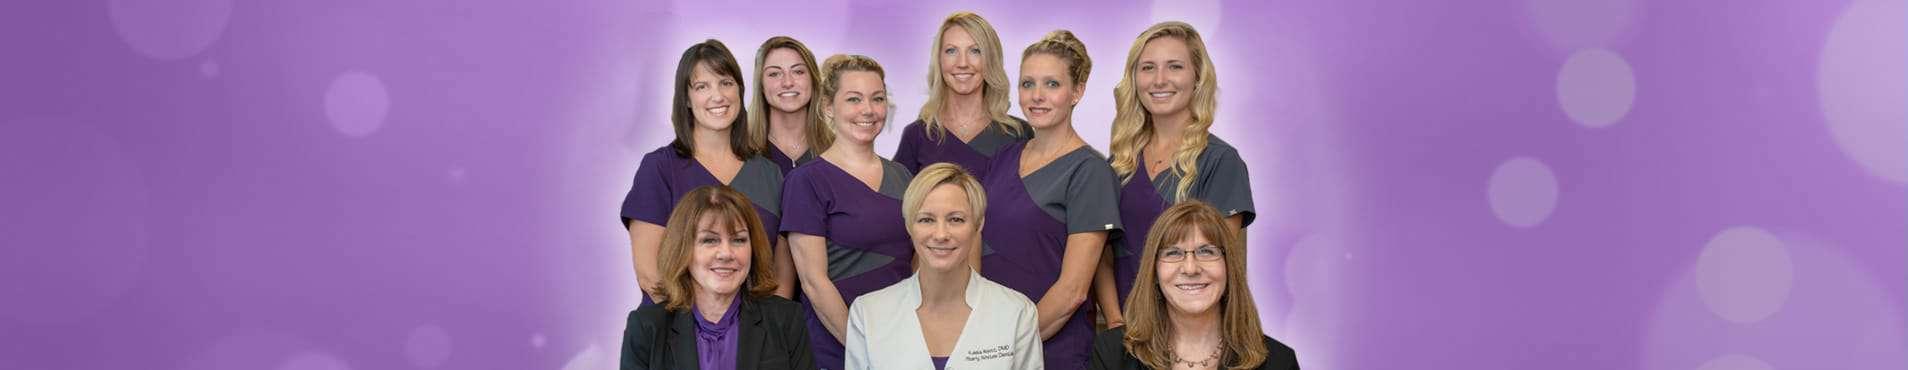 Dental Crowns Dentist Serving Morrisville